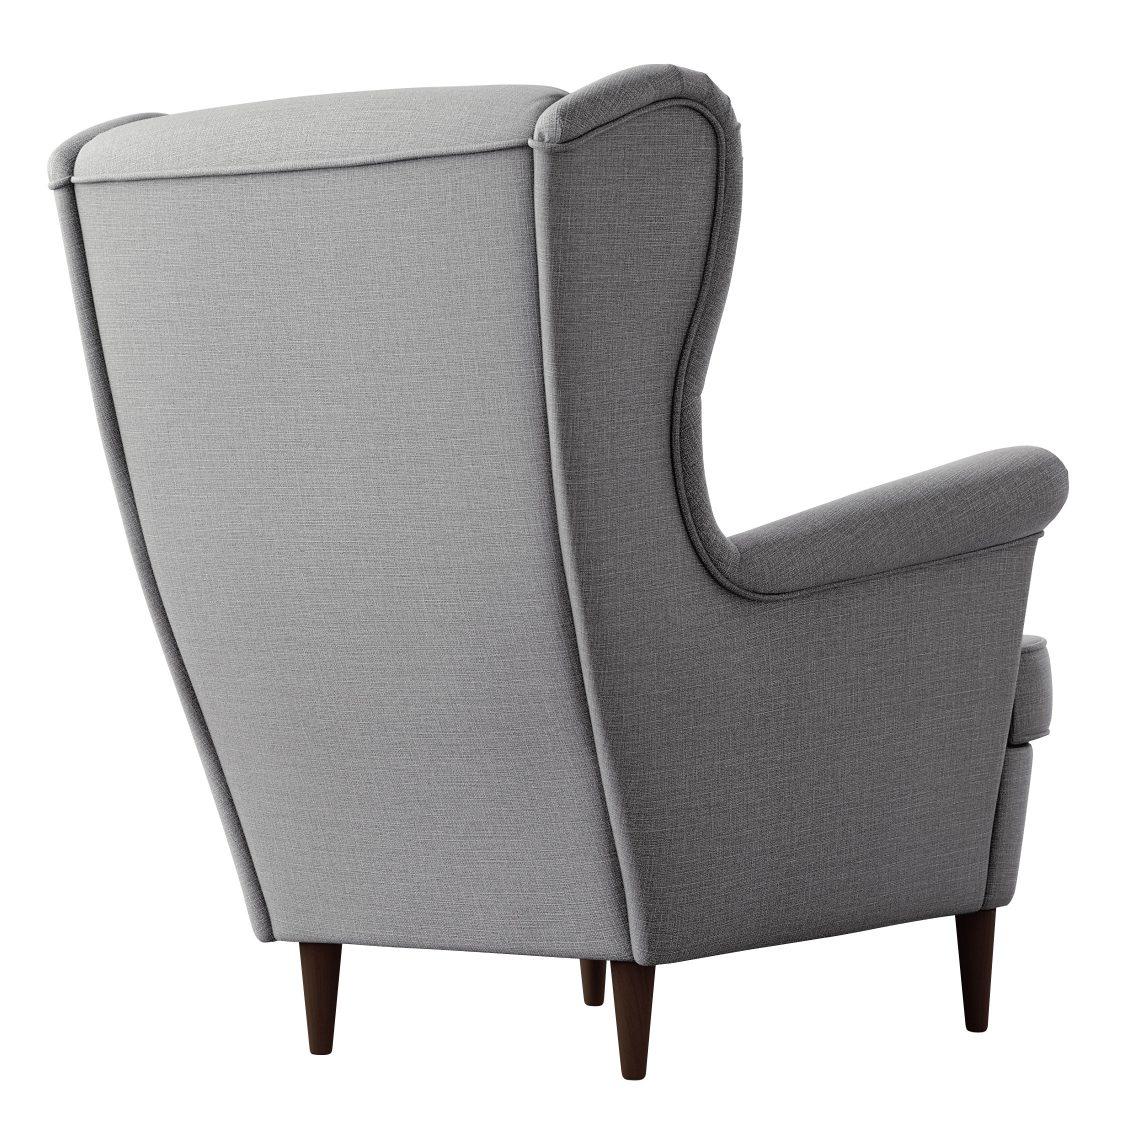 Серое кресло с высокой спинкой на ножках Strandmon икеа